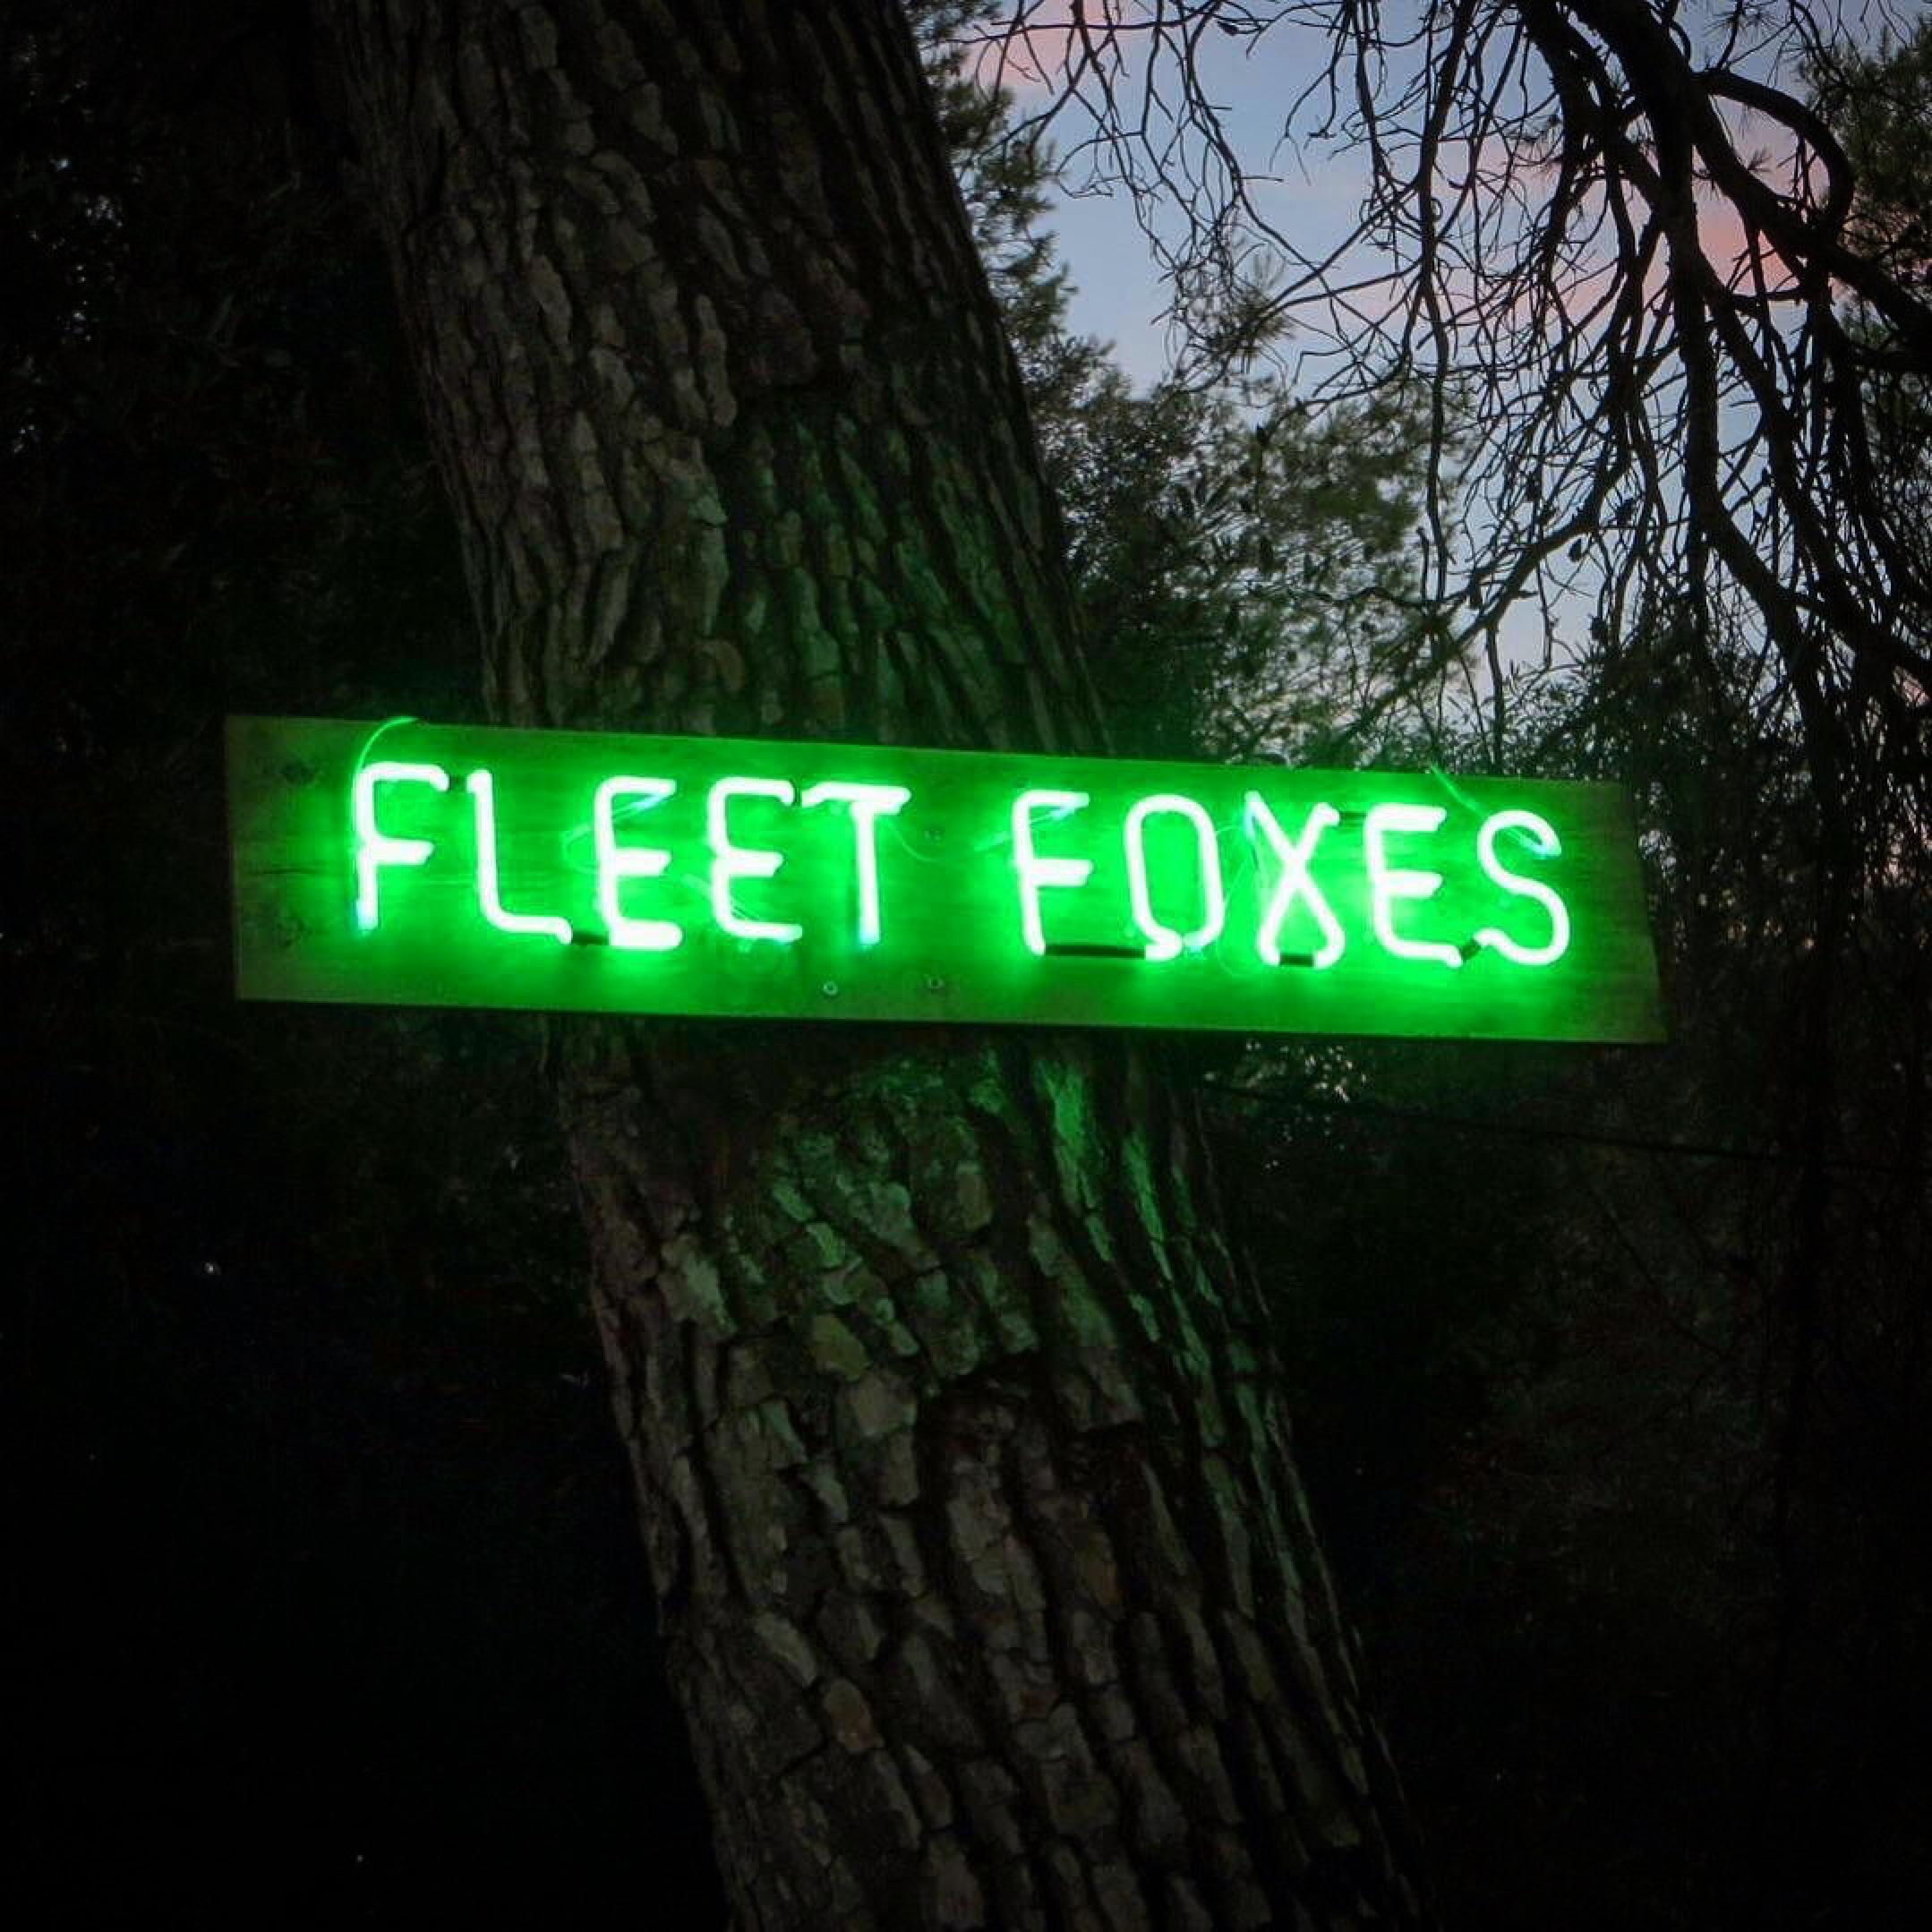 vida-festivales-27lletres-fleetfoxes-neon.jpeg